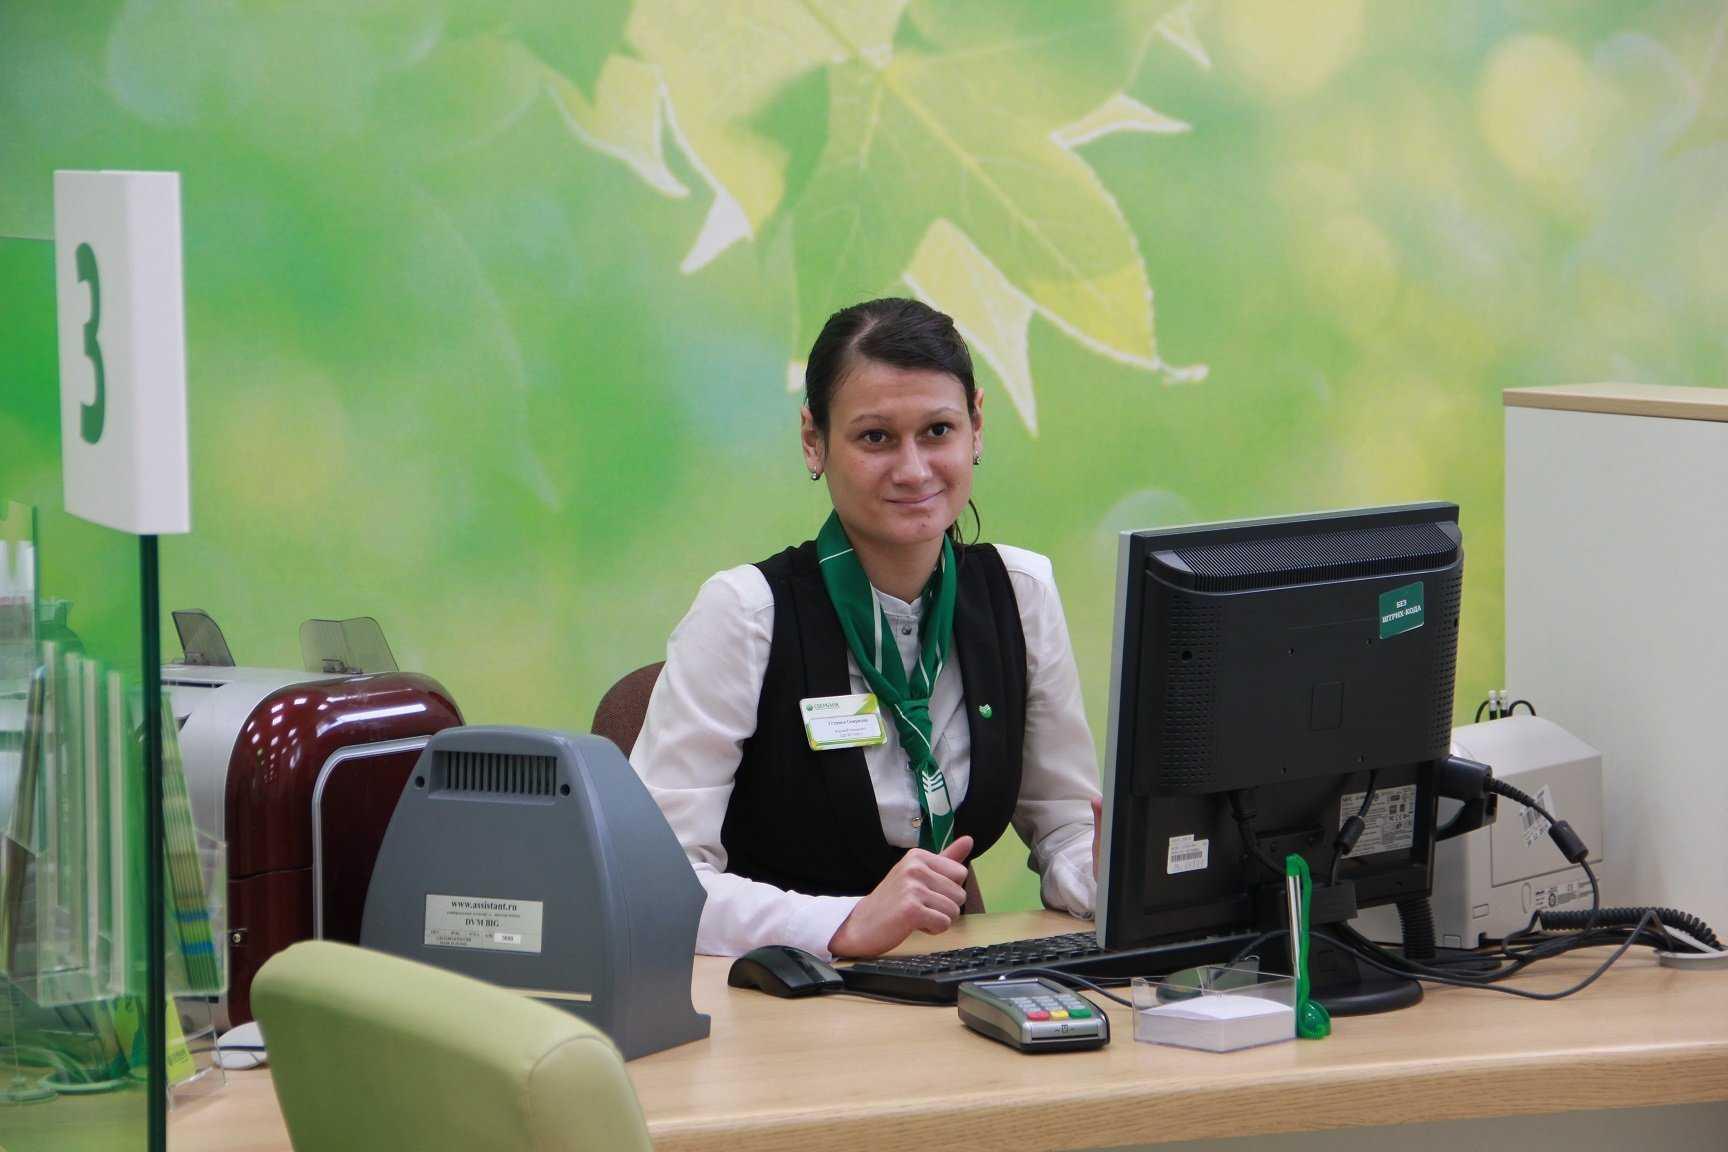 Сбербанк: телефон бесплатной службы поддержки 8800, номер круглосуточного контакт центра